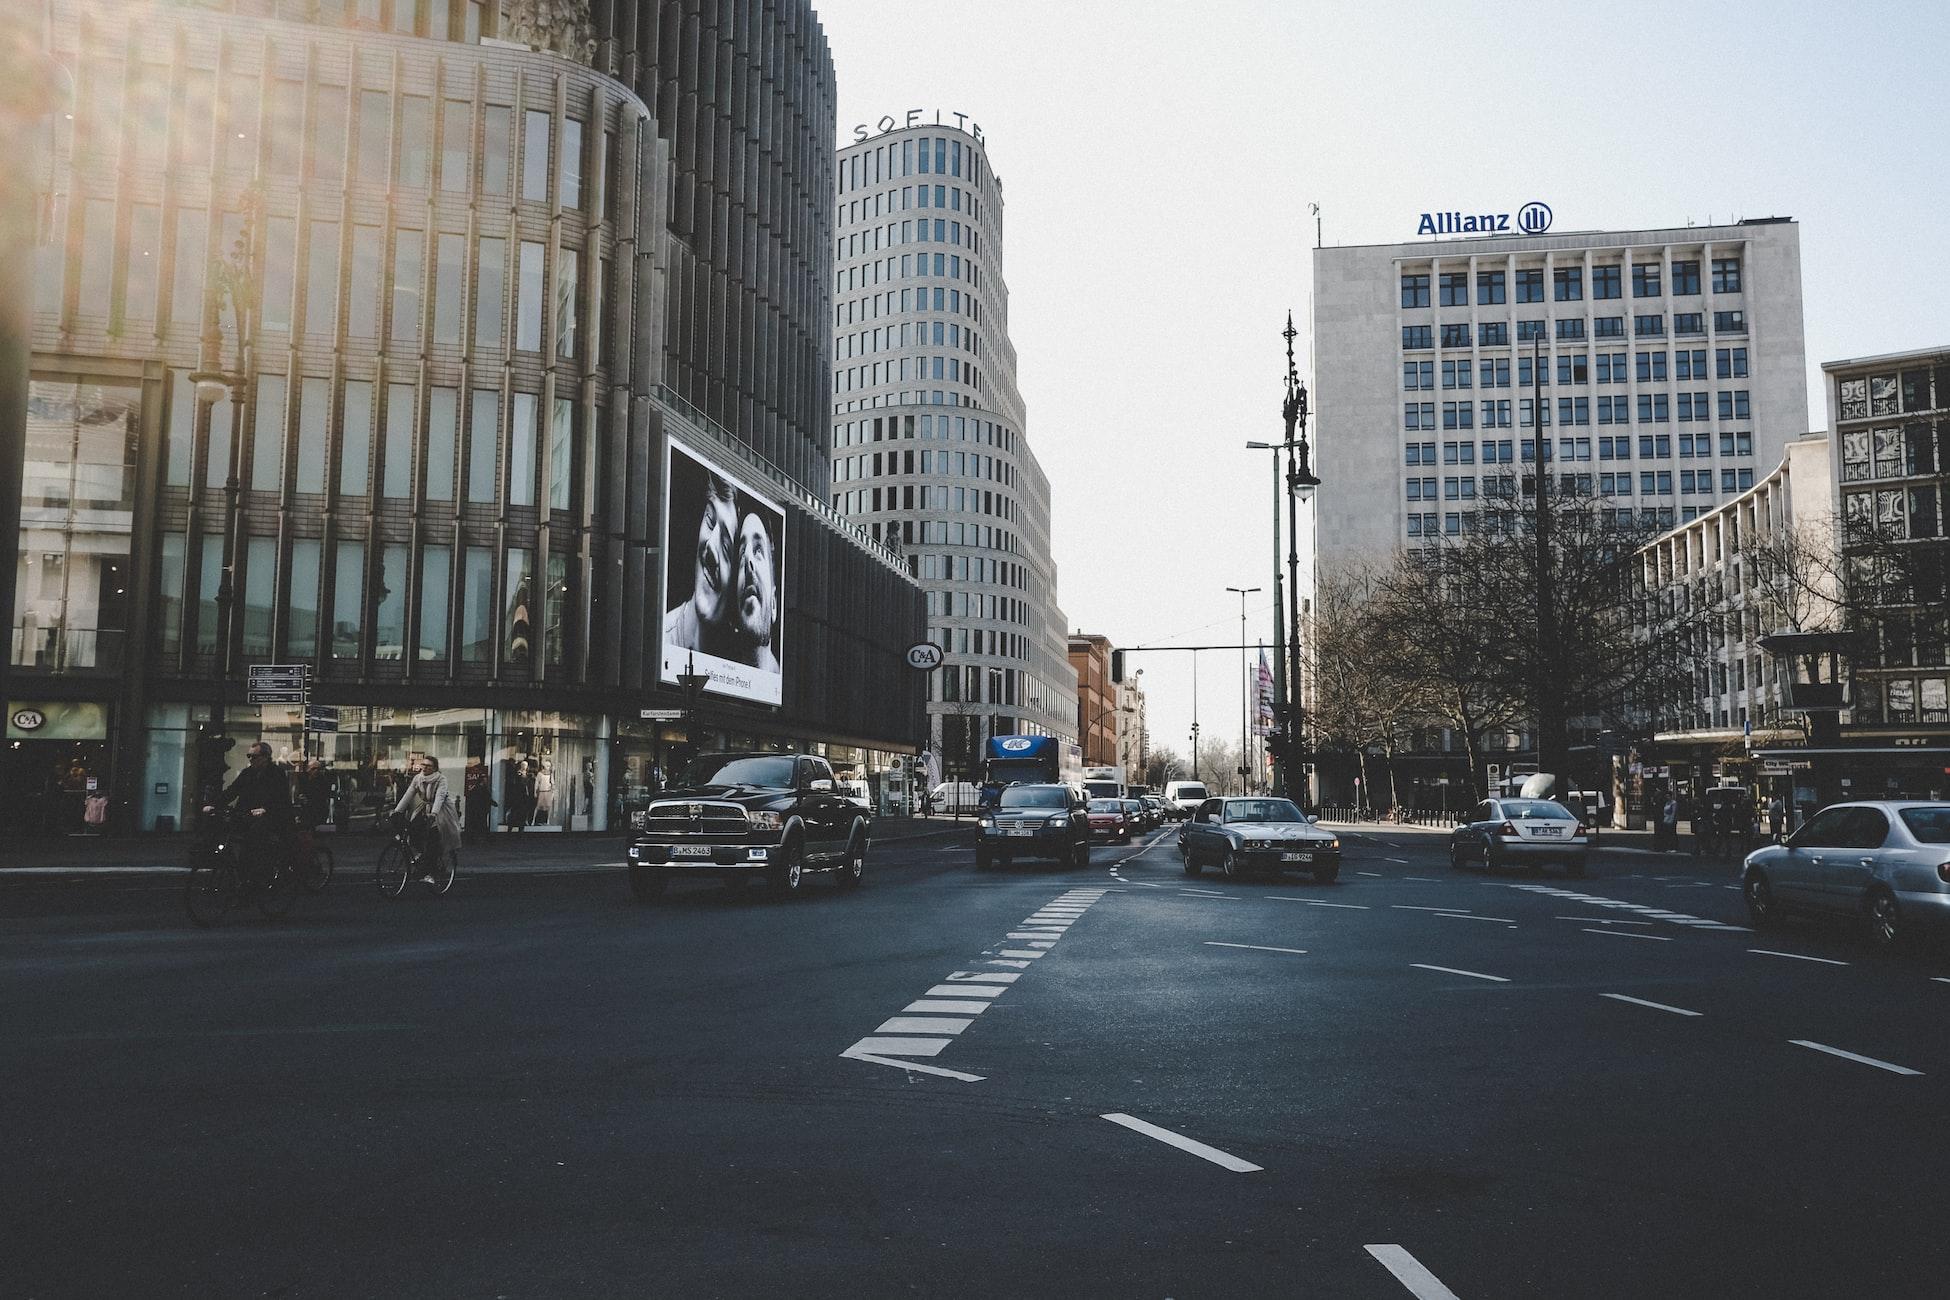 Движение на улицах Германии